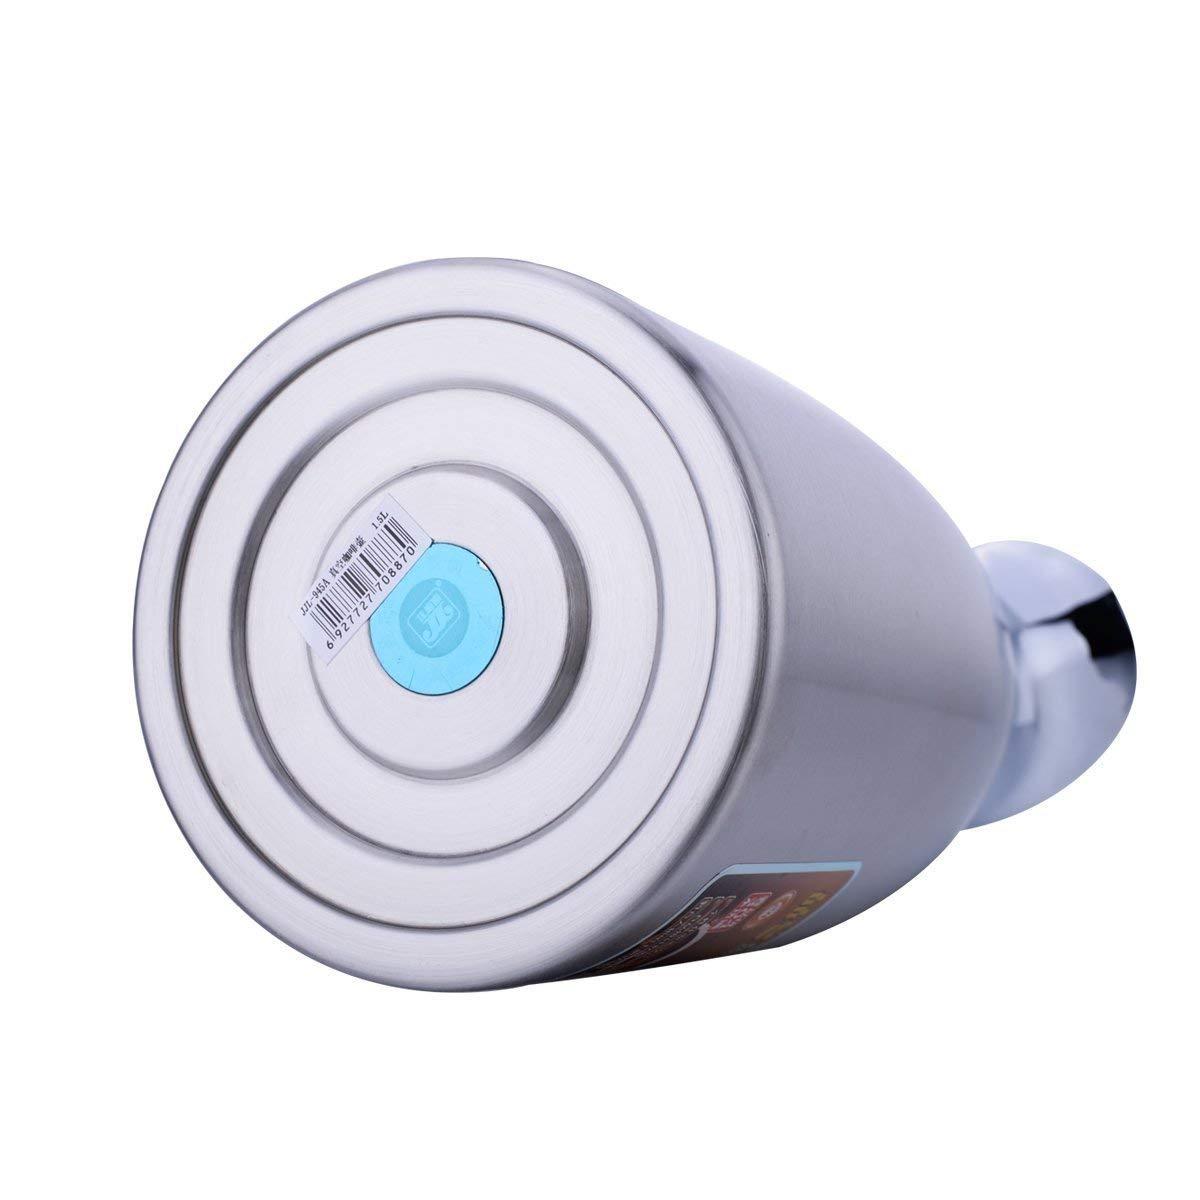 Pot de café - JUNING 2L Thermal Carafe Acier inoxydable à double paroi isolé Pile à thé / eau à grande capacité avec bouton de pression Argent